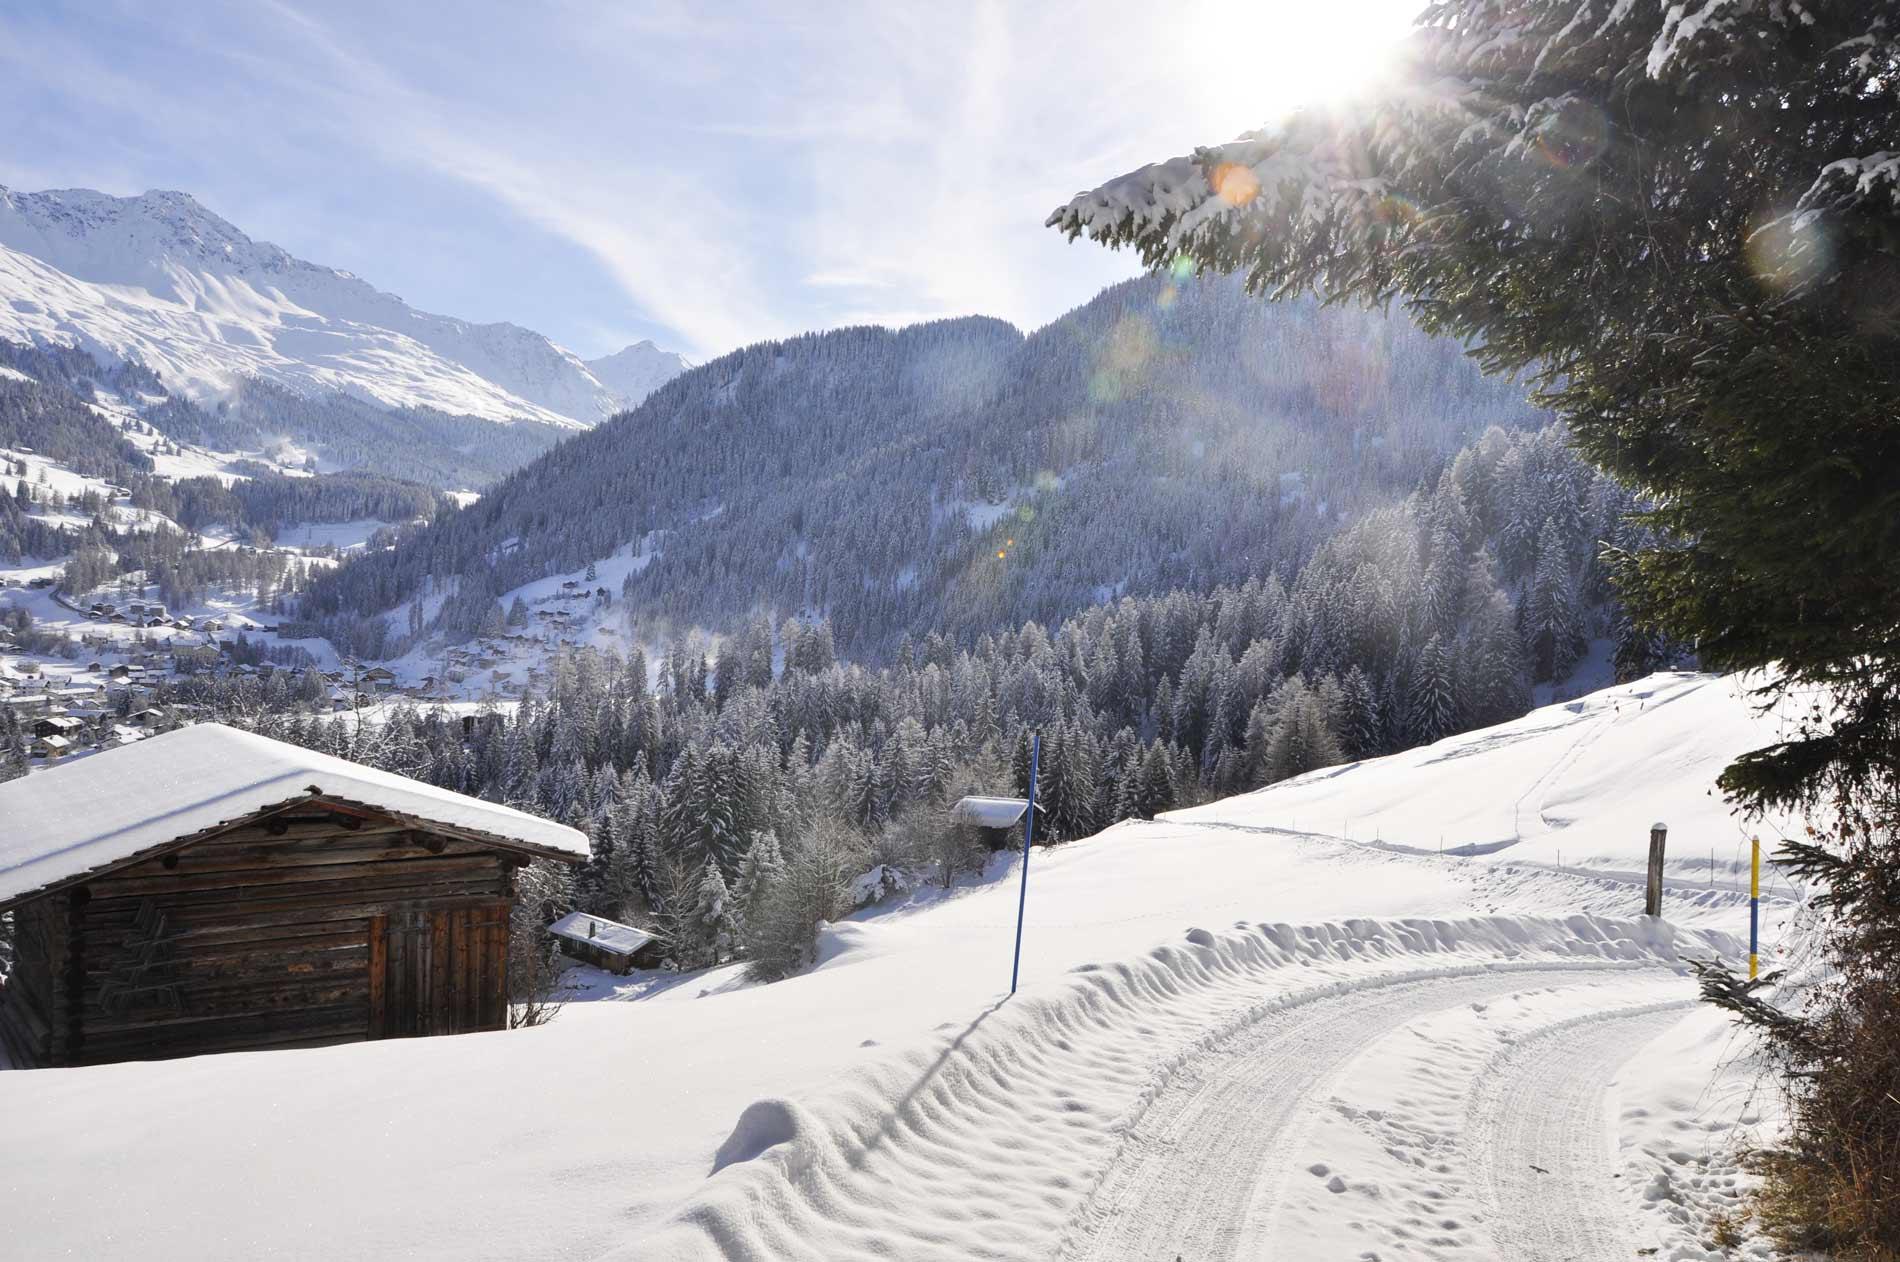 Weg ins Tal im Winter